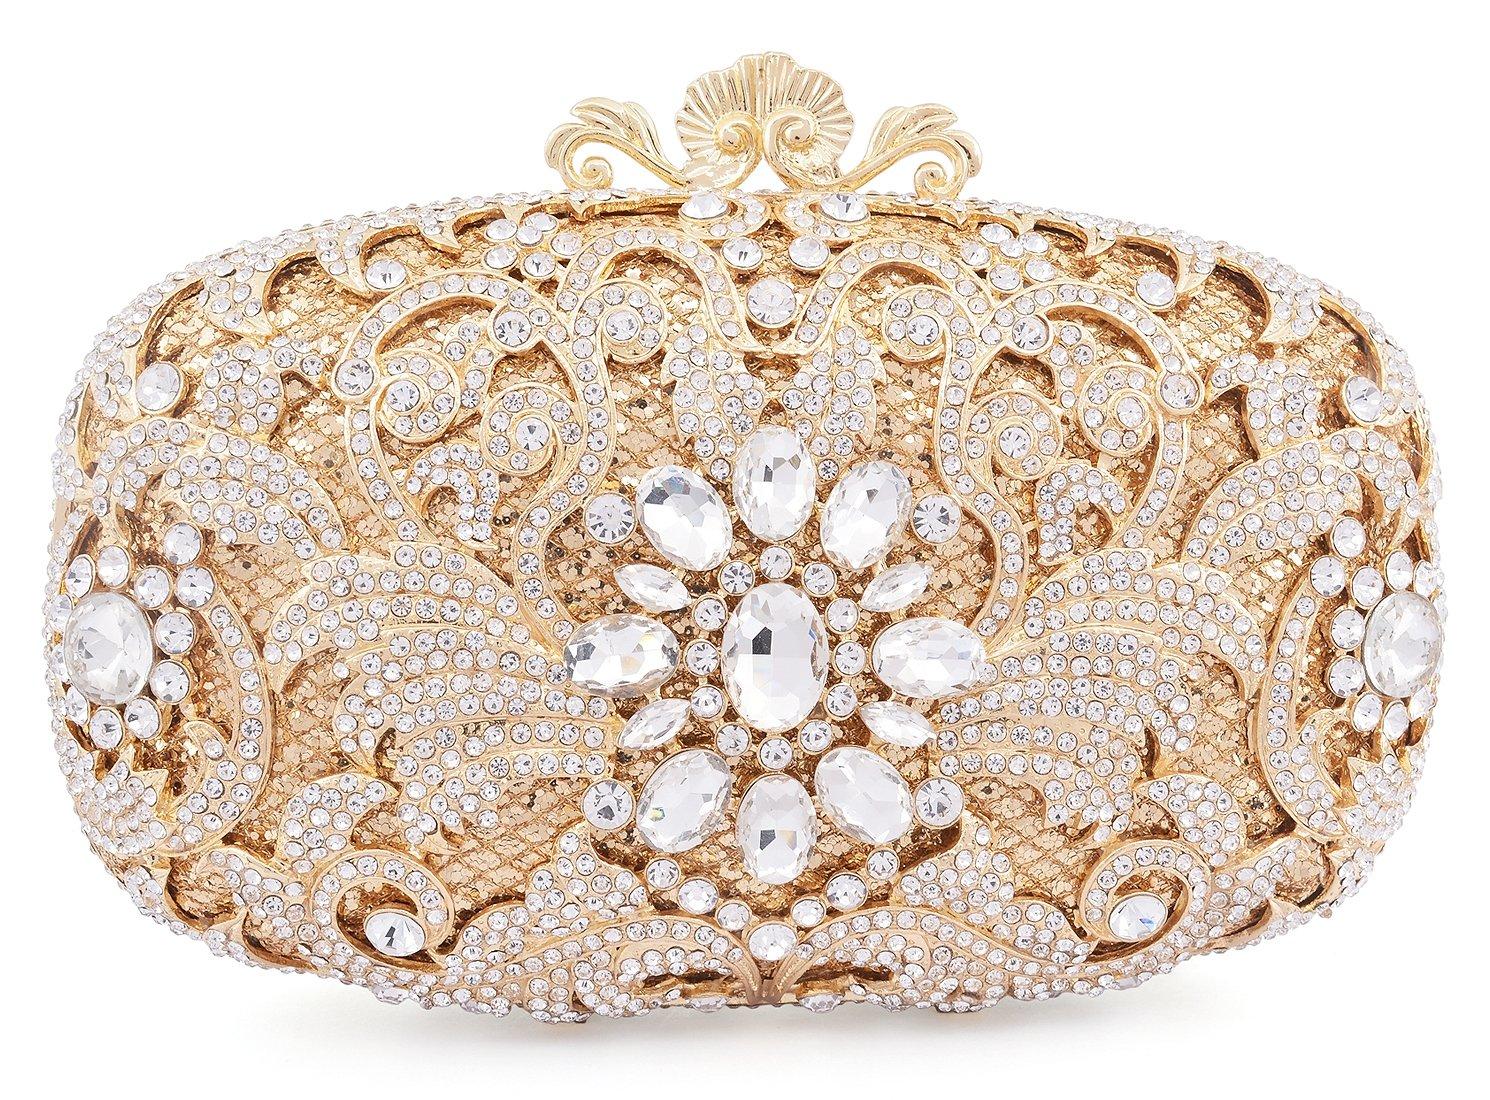 Luxury Crystal Clutch for Women Rhinestone Evening Bag